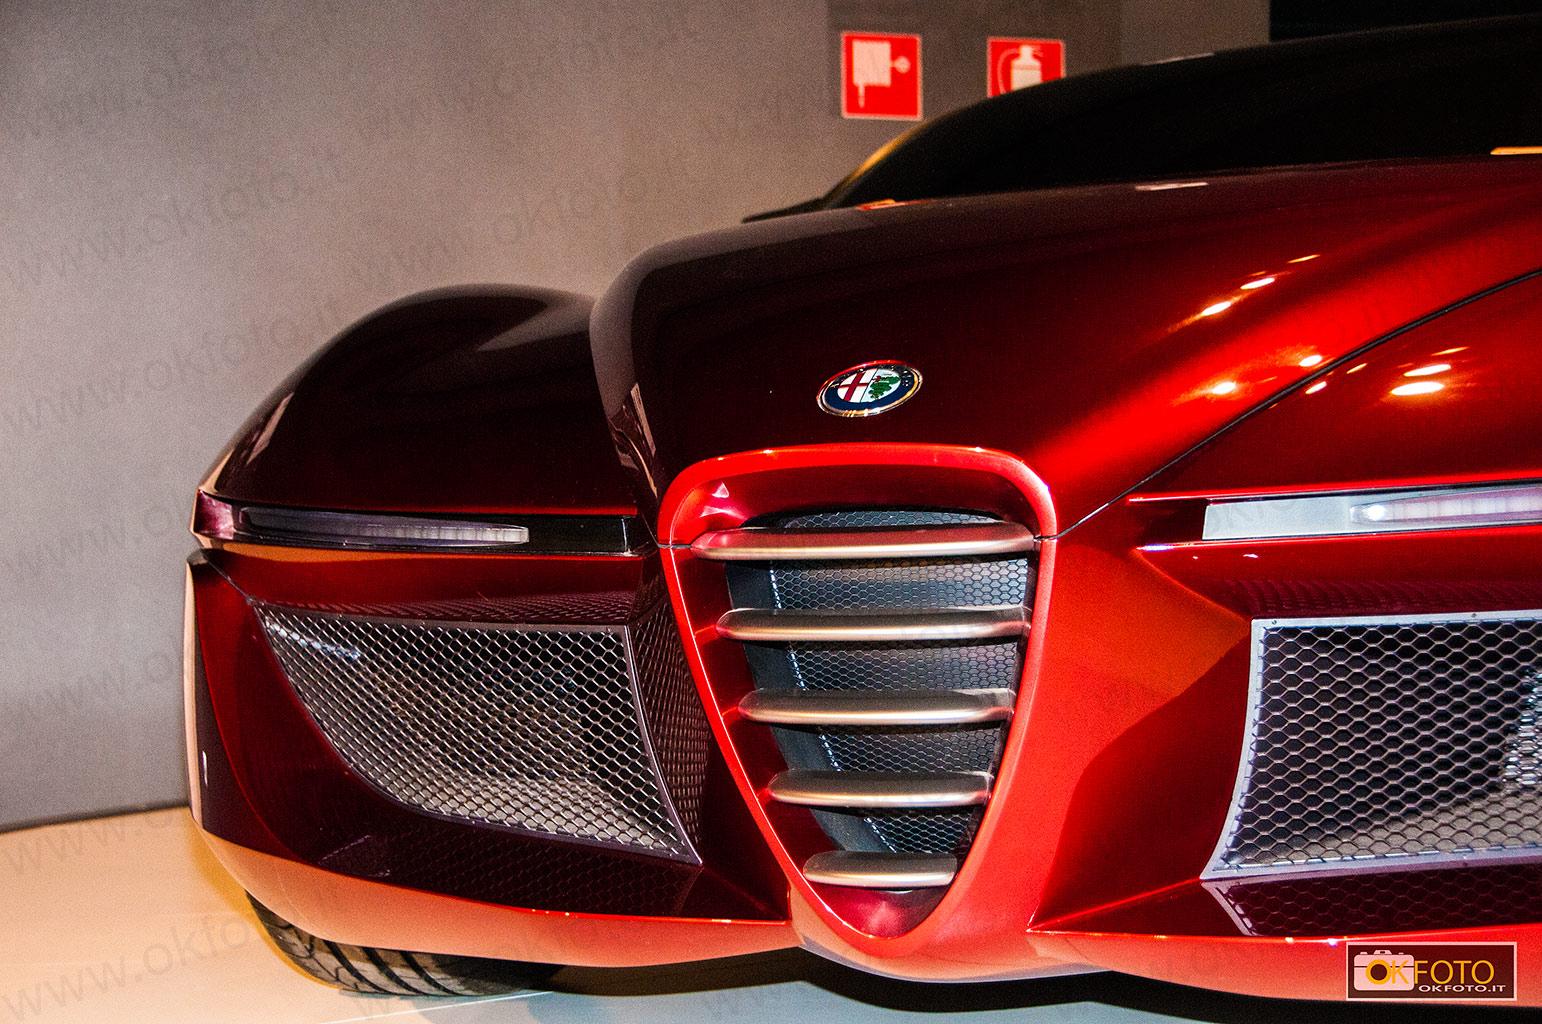 IED Transportation Design in mostra al Museo dell'Auto di Torino